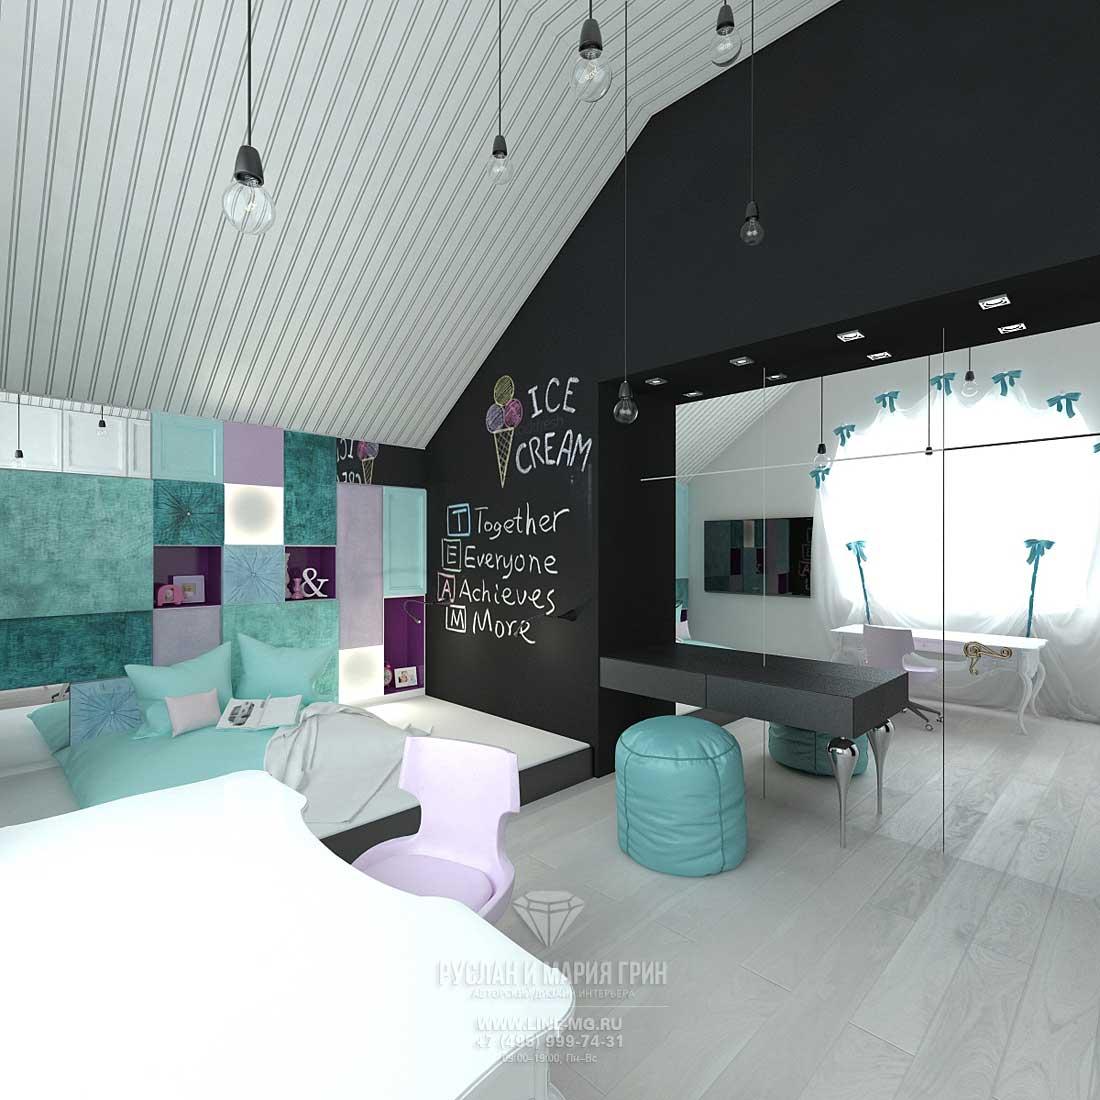 Дизайн гостевой детской комнаты для девочки. Фото интерьера 2015 года